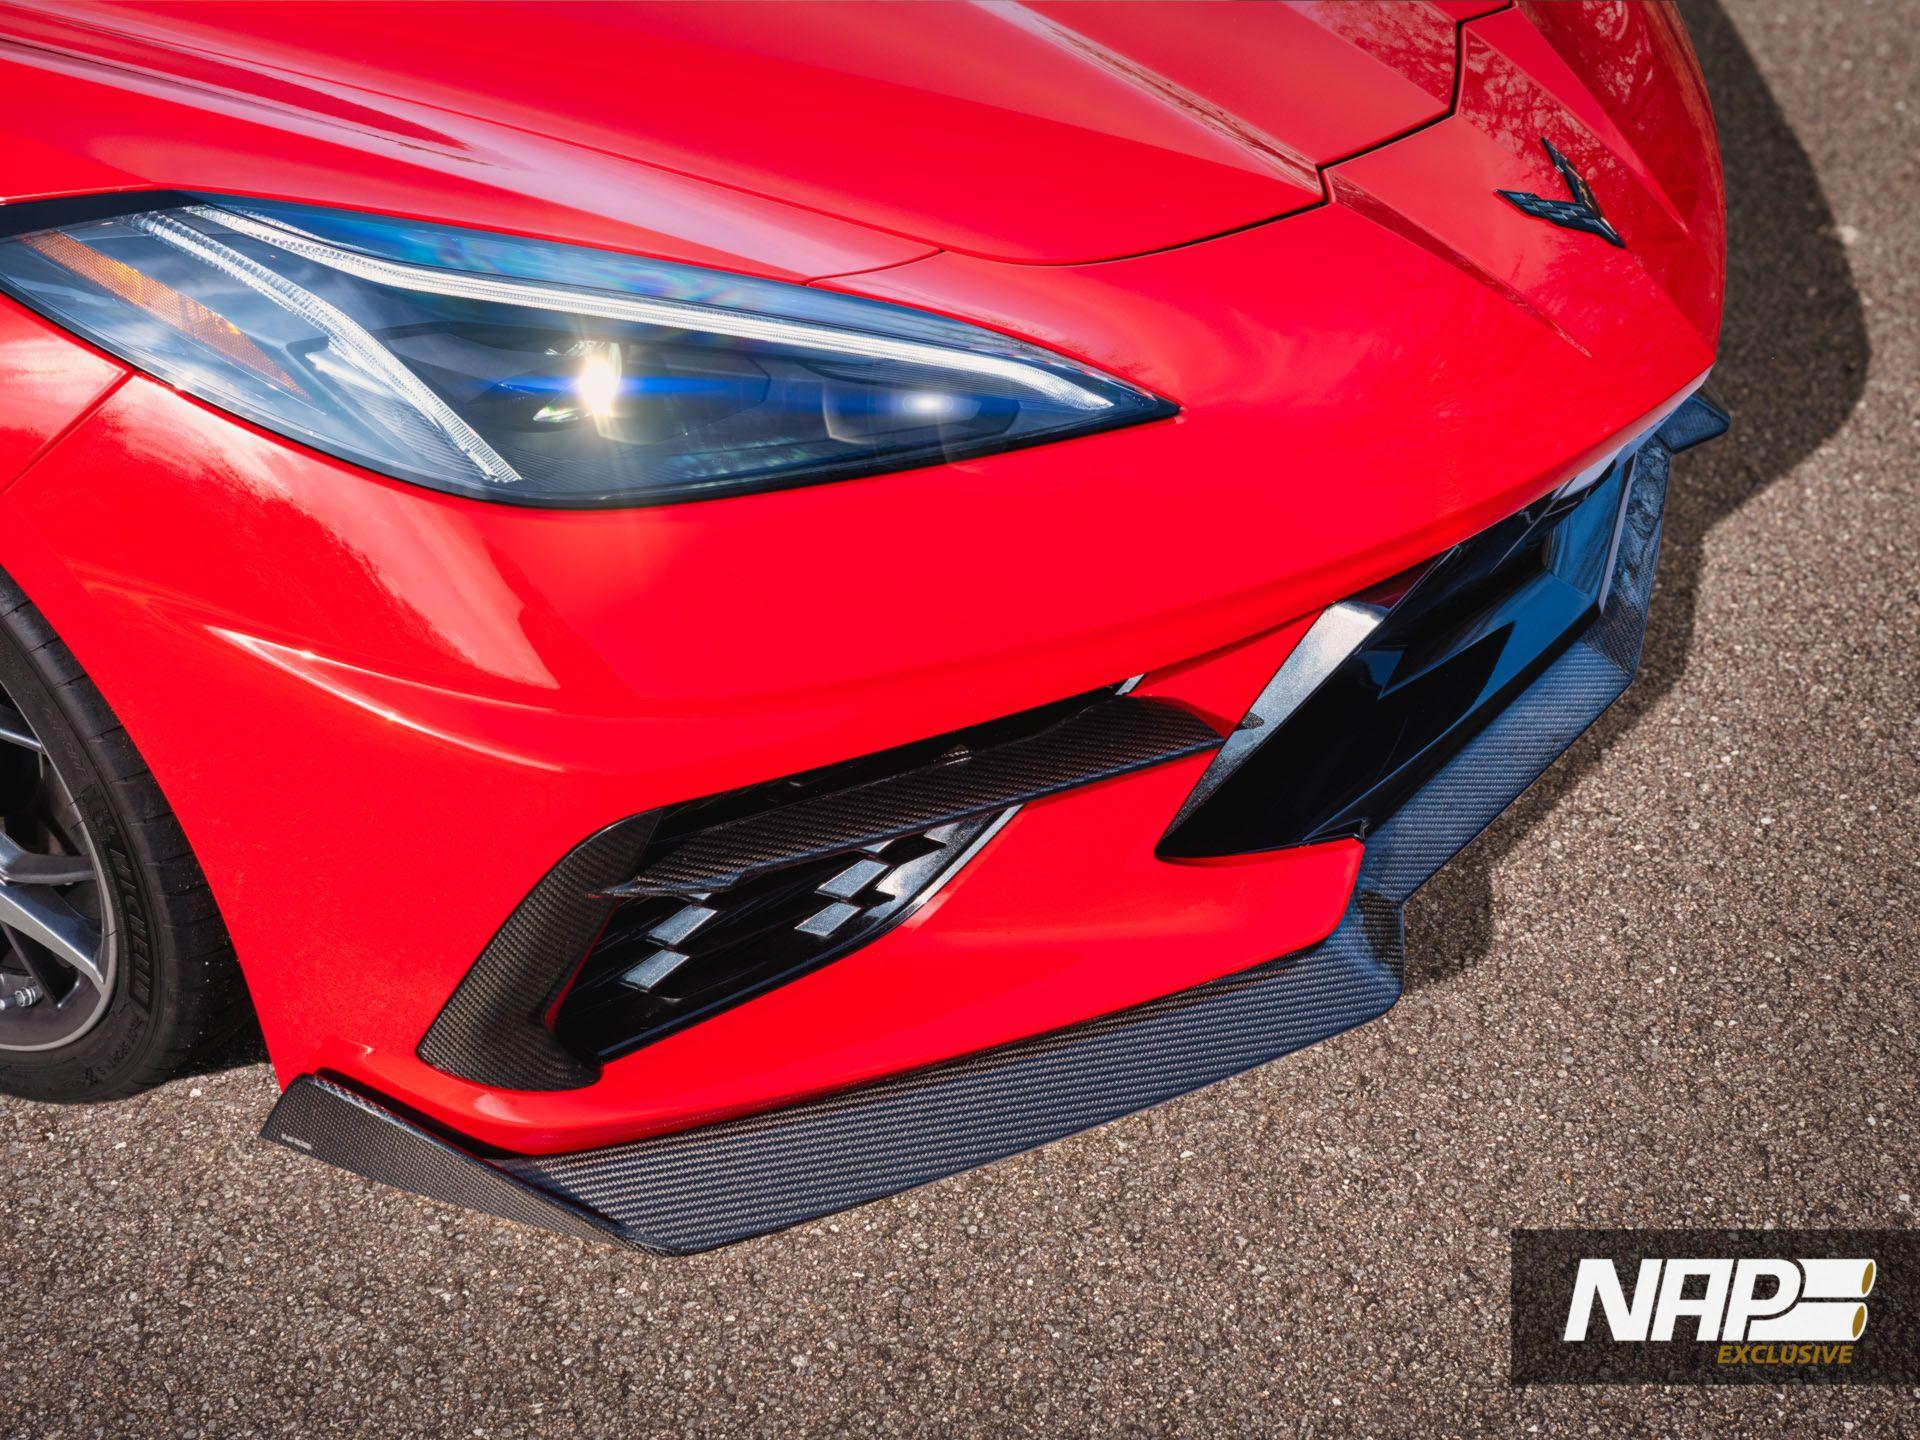 Chevrolet-Corvette-by-NAP-Sportauspuff-Manufaktur-6